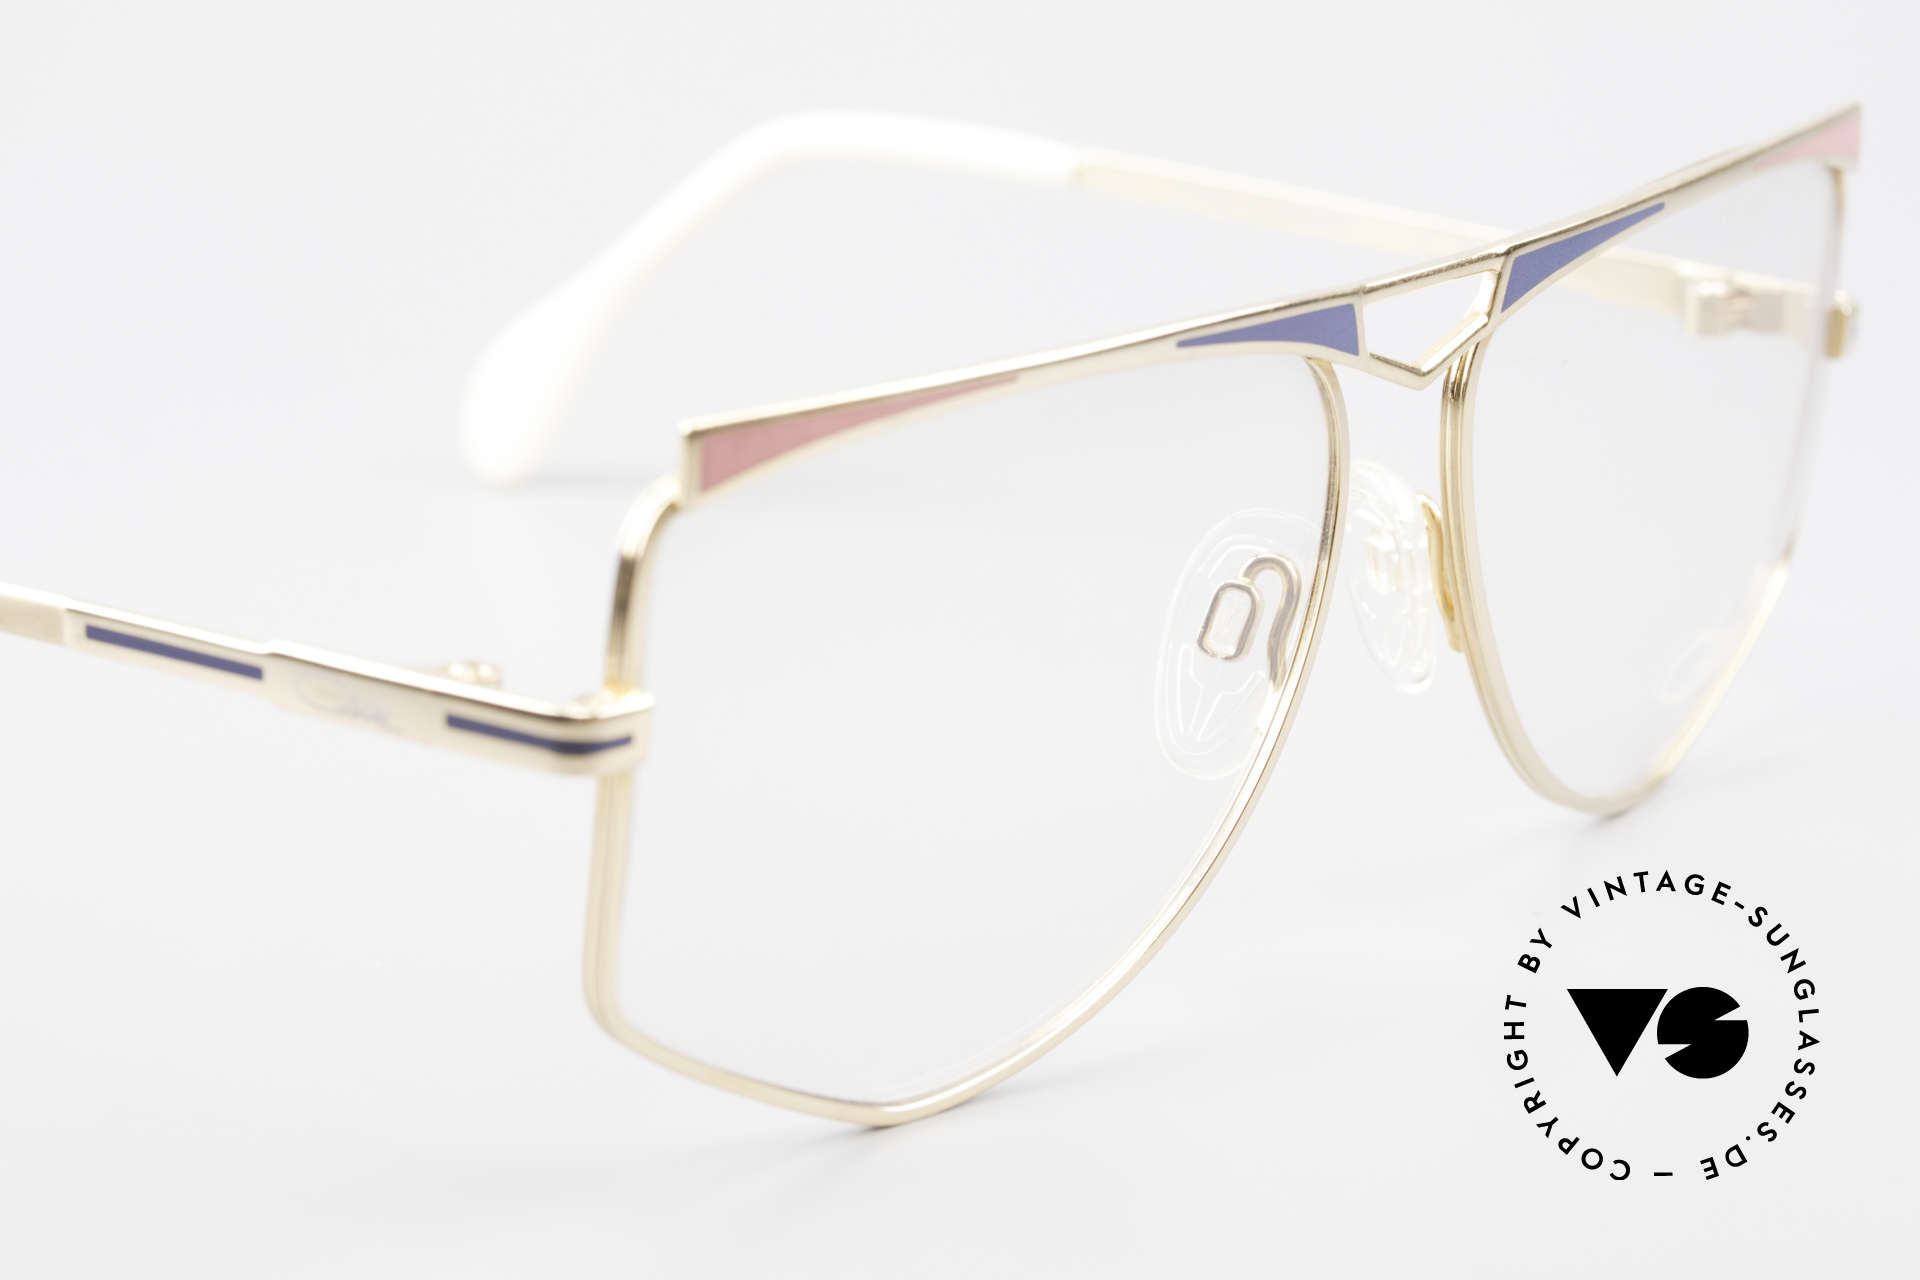 Cazal 227 Echt Alte 80er Vintage Brille, die Fassung ist für optische (Sonnen)-Gläser geeignet, Passend für Damen